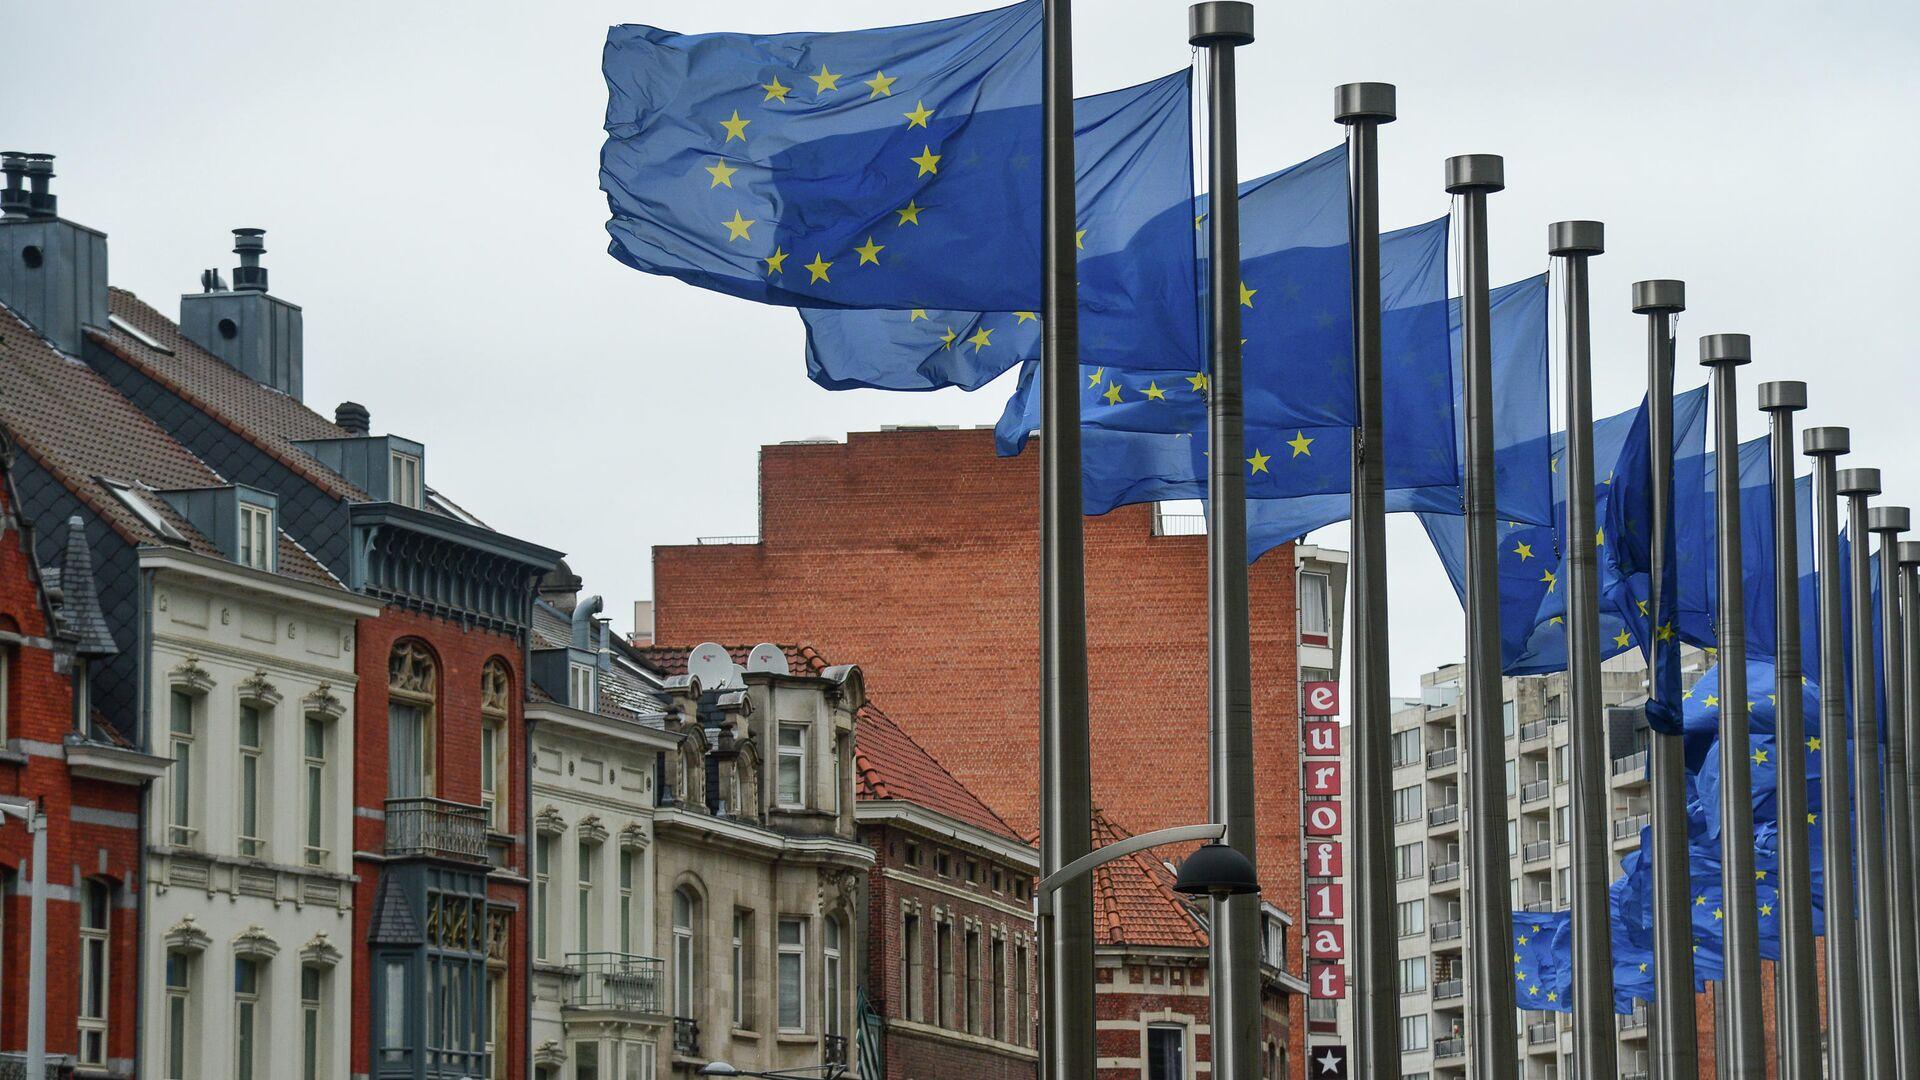 Флаги с символикой Евросоюза у здания Еврокомиссии в Брюсселе - РИА Новости, 1920, 02.03.2021